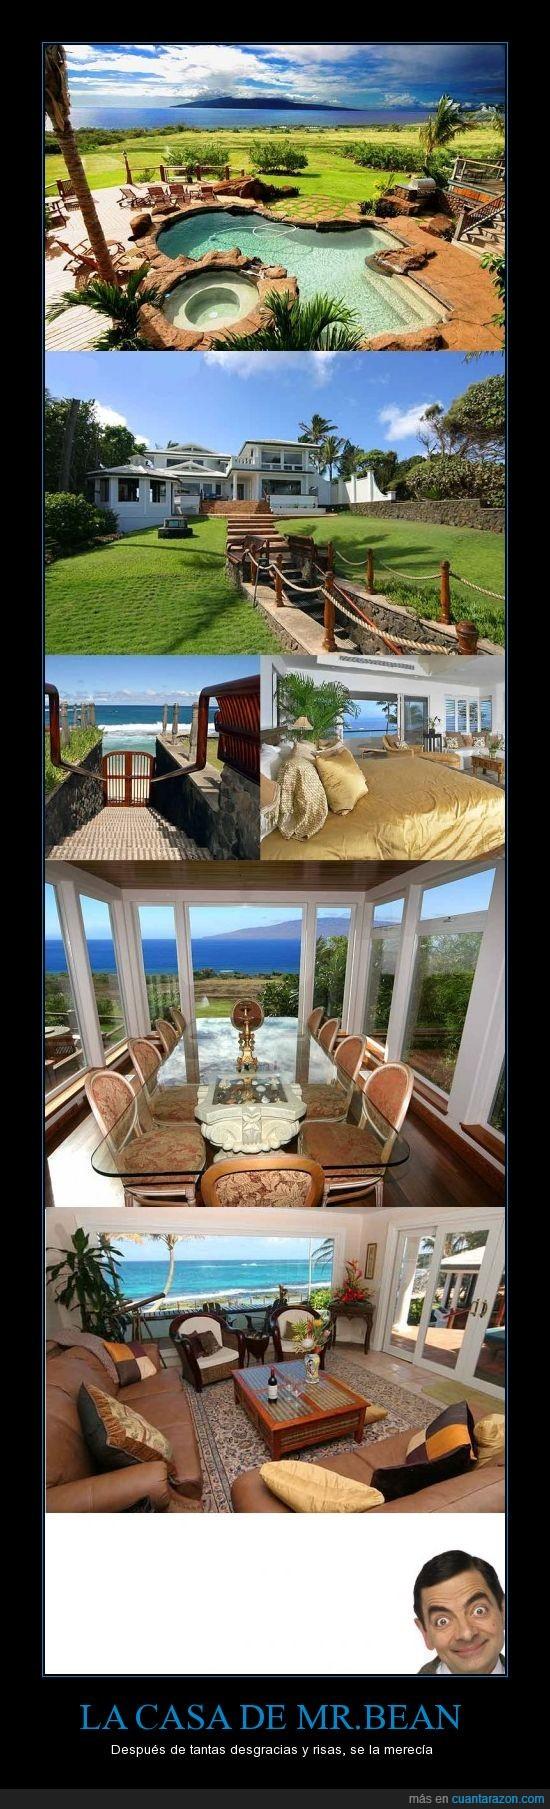 casa,mansión,millonario,mr bean,piscina,playa,Rowan Atkinson